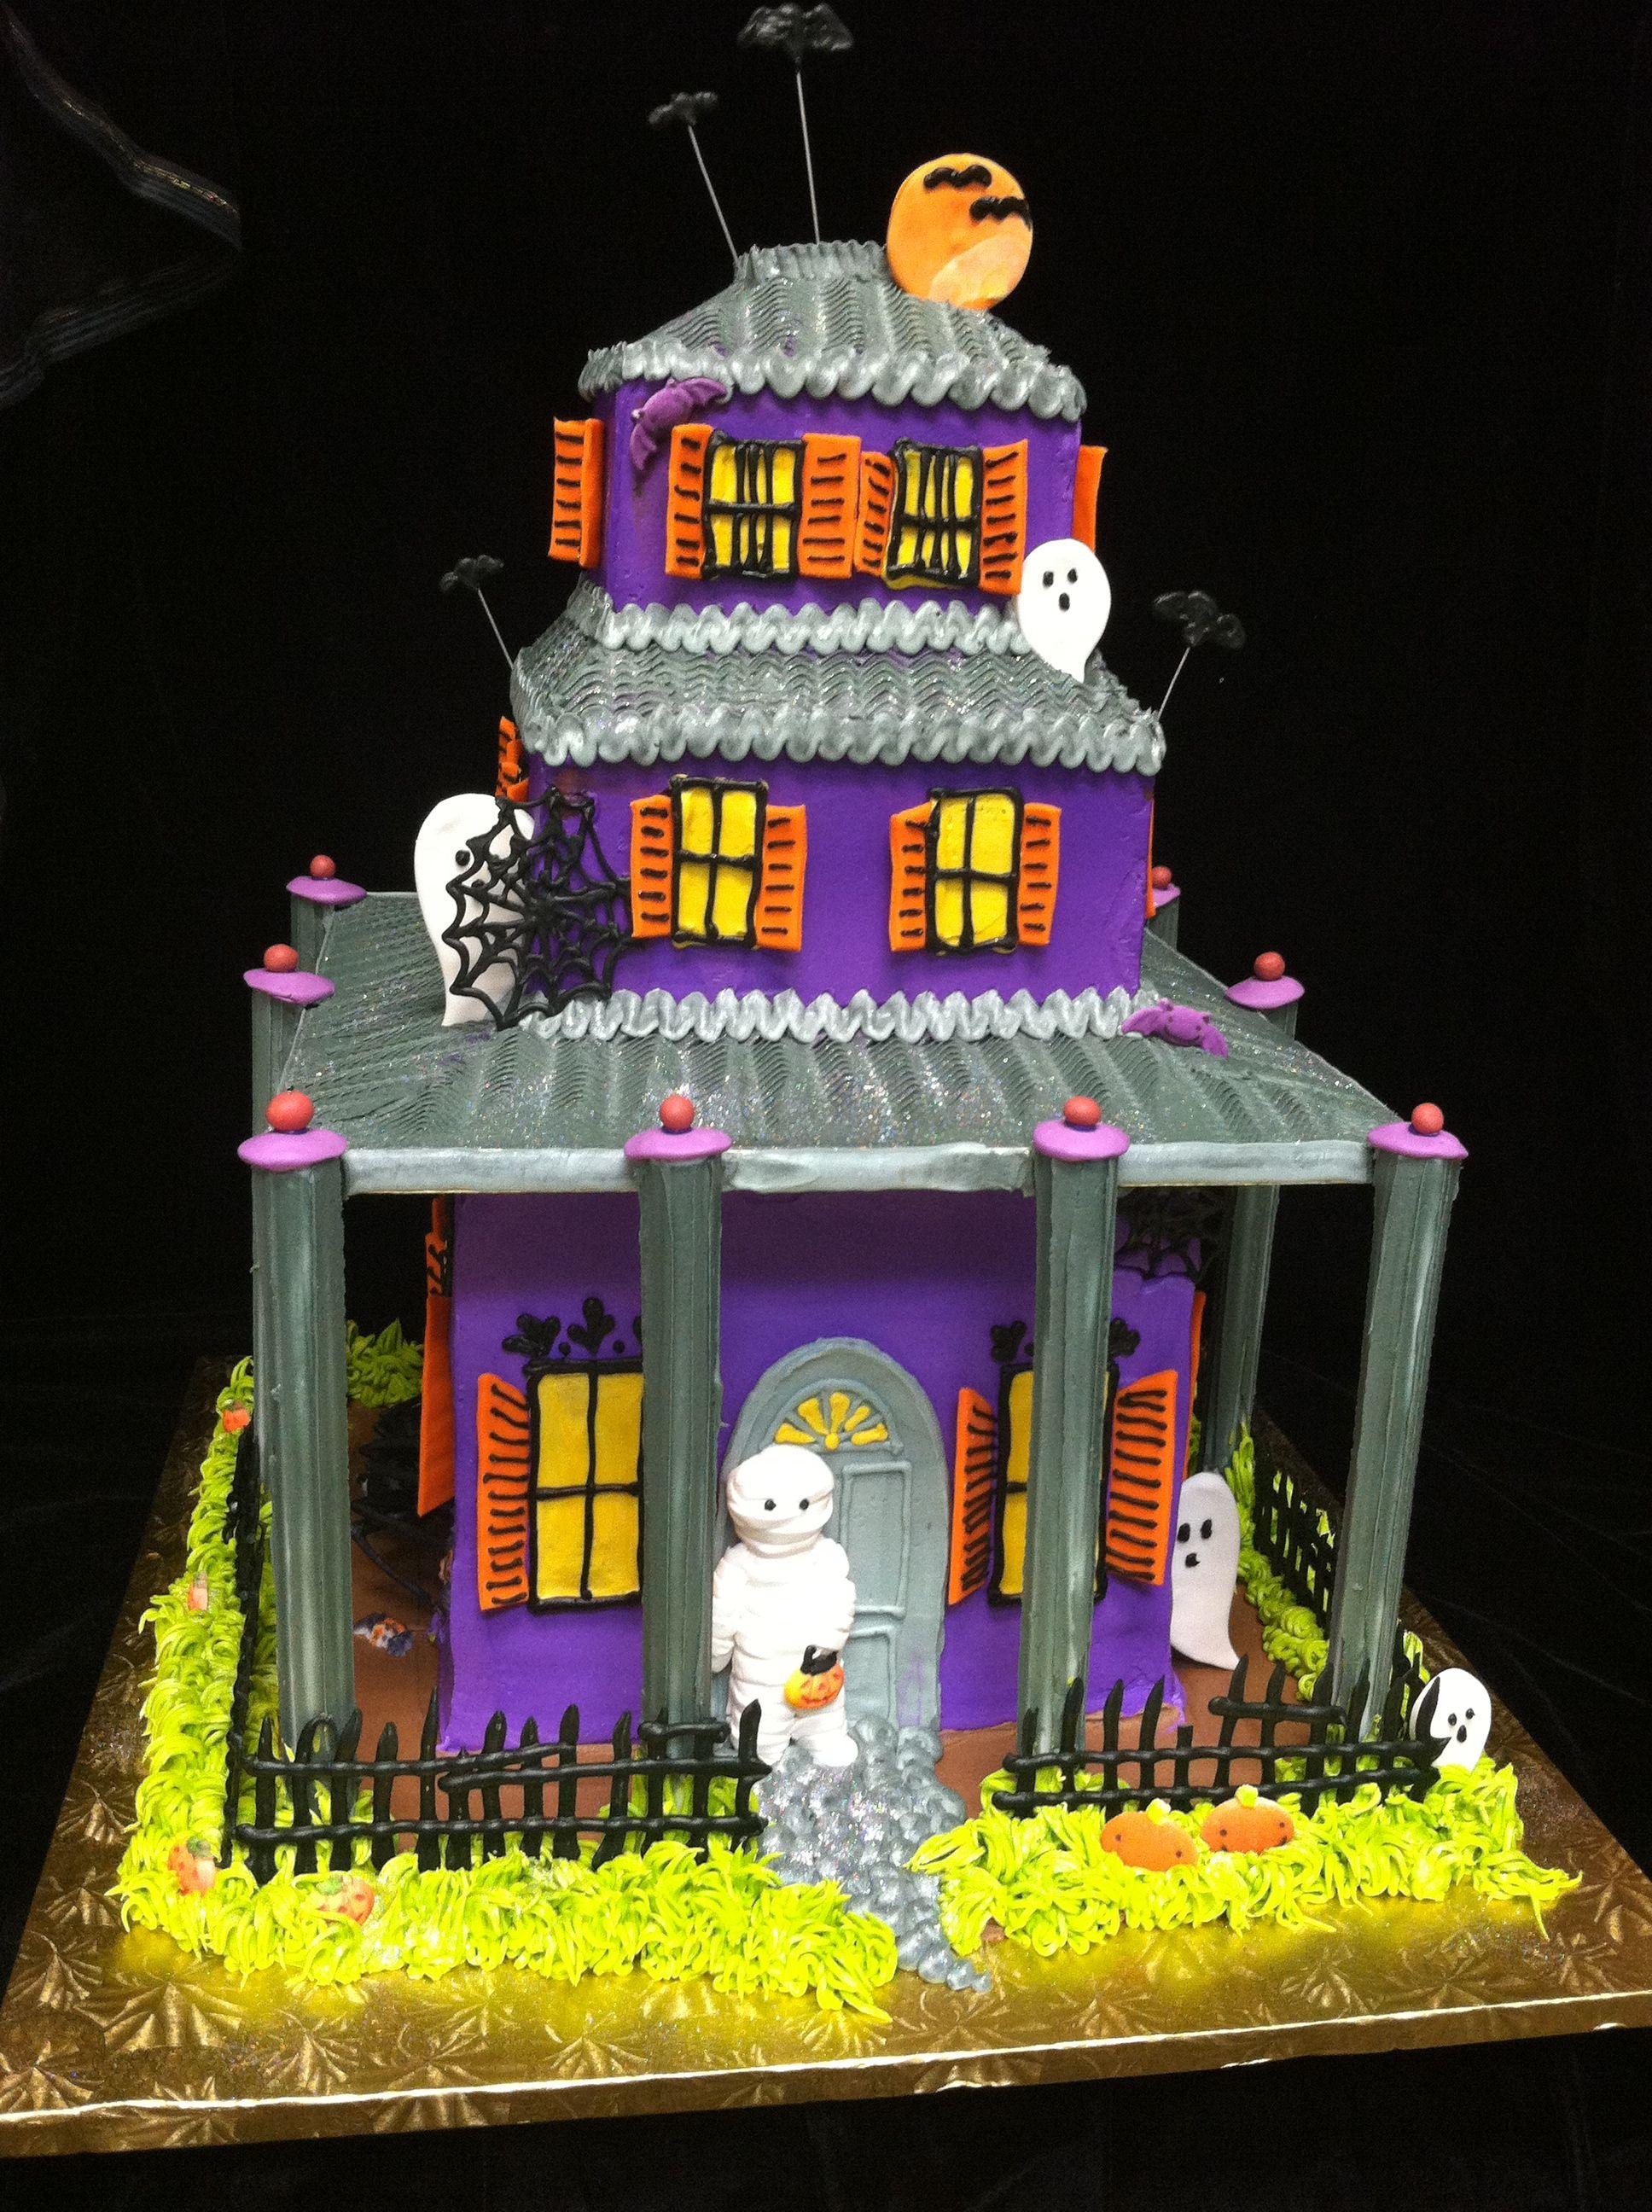 Phenomenal Halloween Haunted House Birthday Cake Haunted House Cake Funny Birthday Cards Online Inifofree Goldxyz